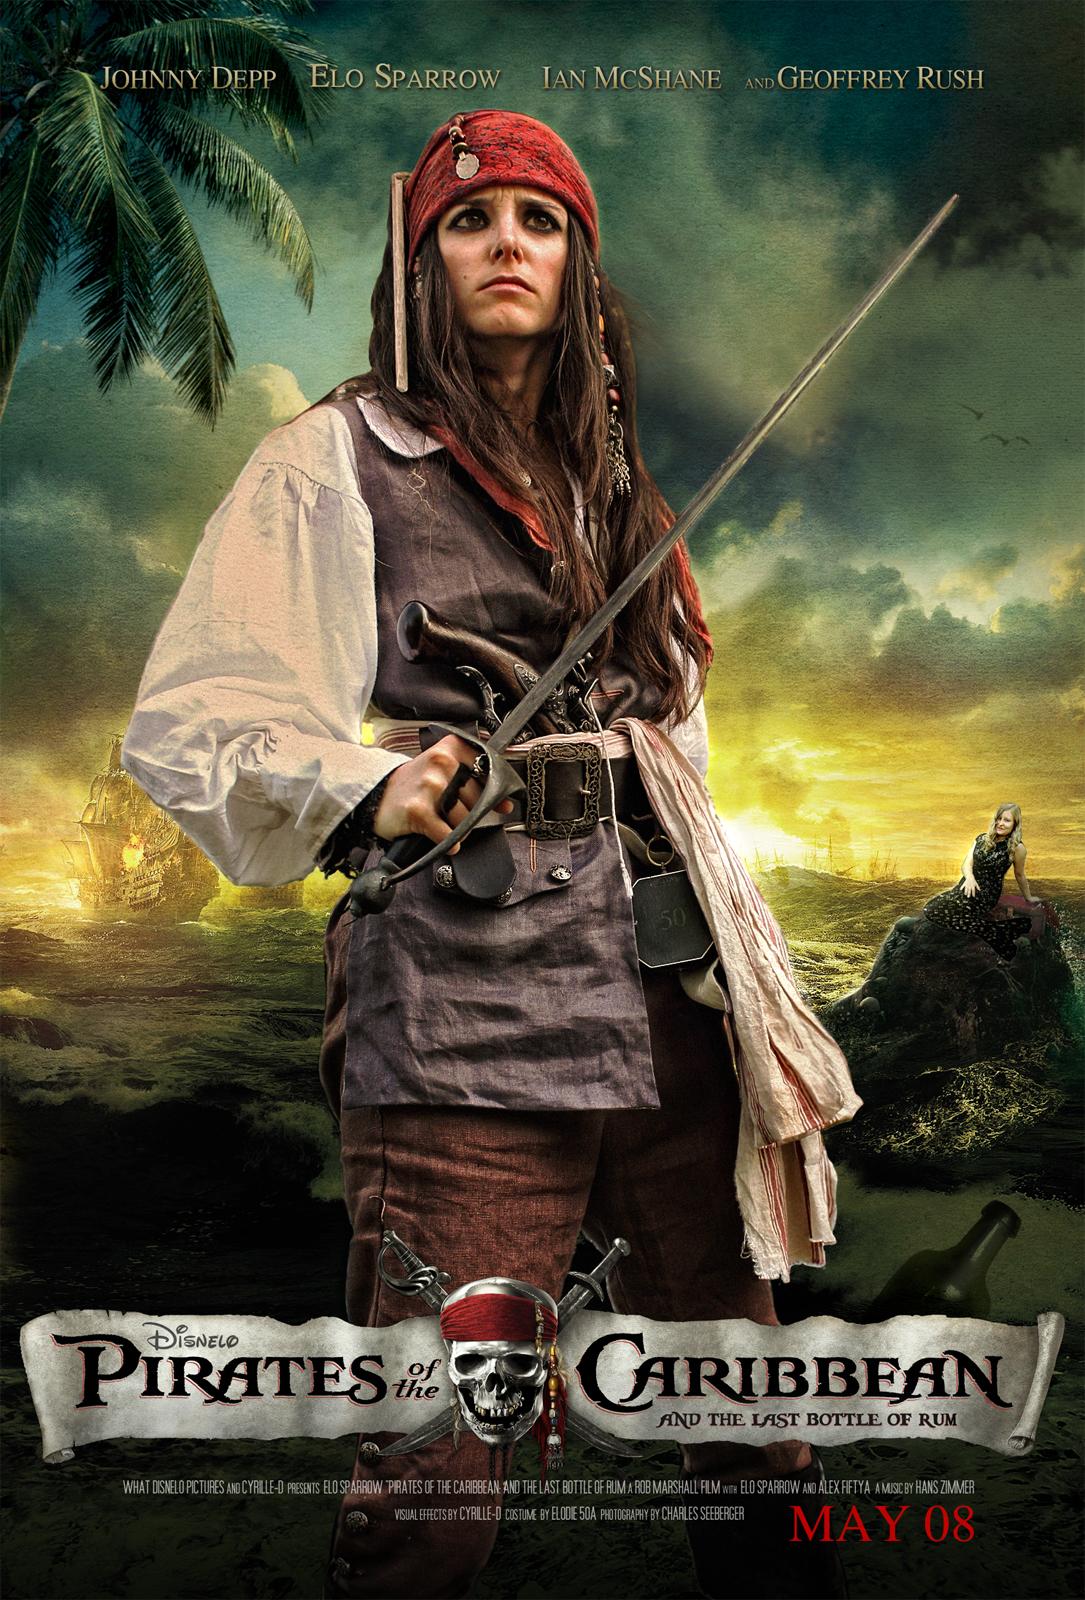 Elo Sparrow Poster